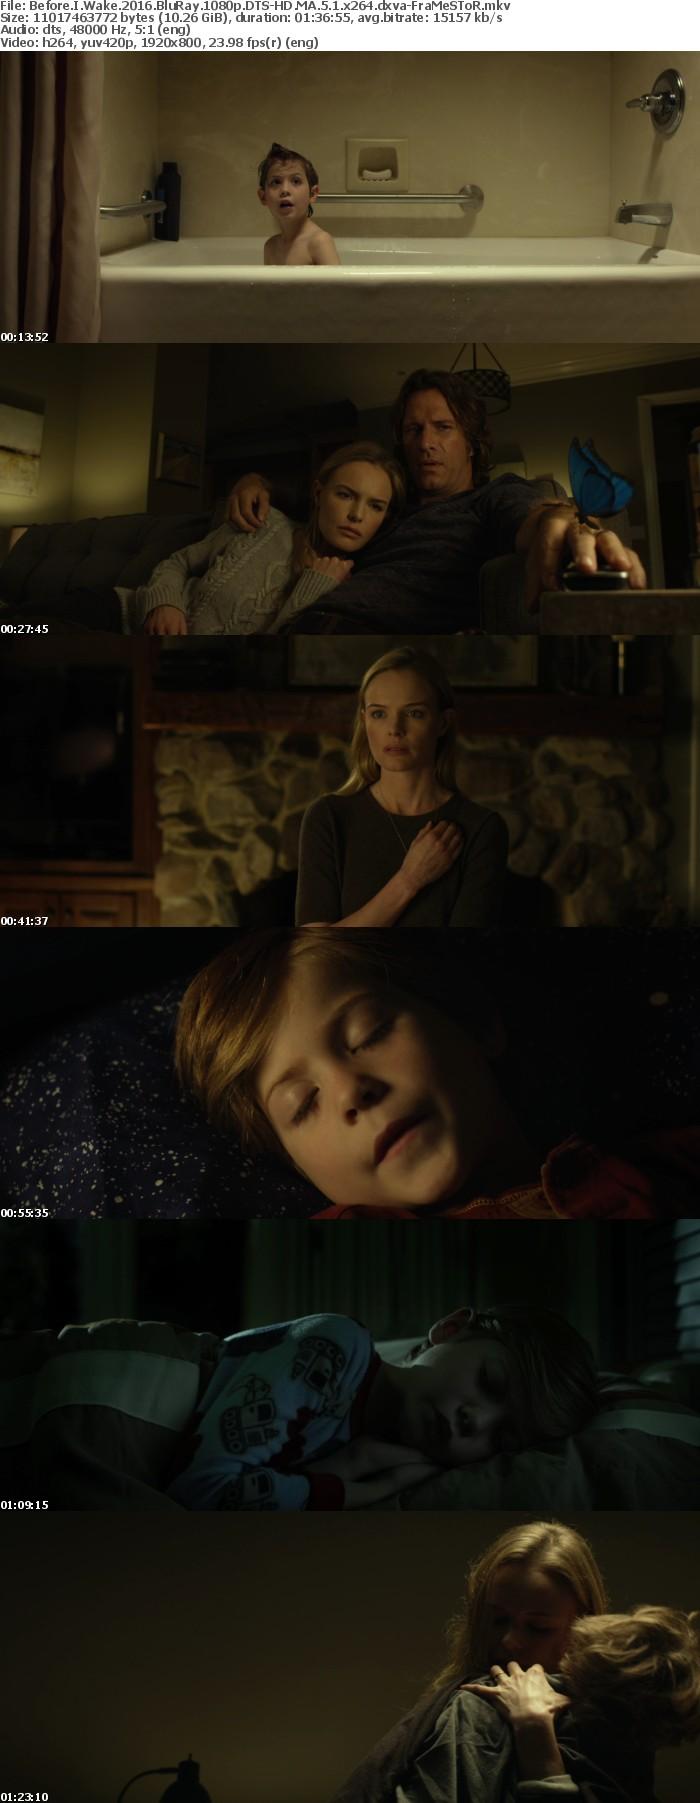 Before I Wake 2016 BluRay 1080p DTS-HD MA 5 1 x264 dxva-FraMeSToR